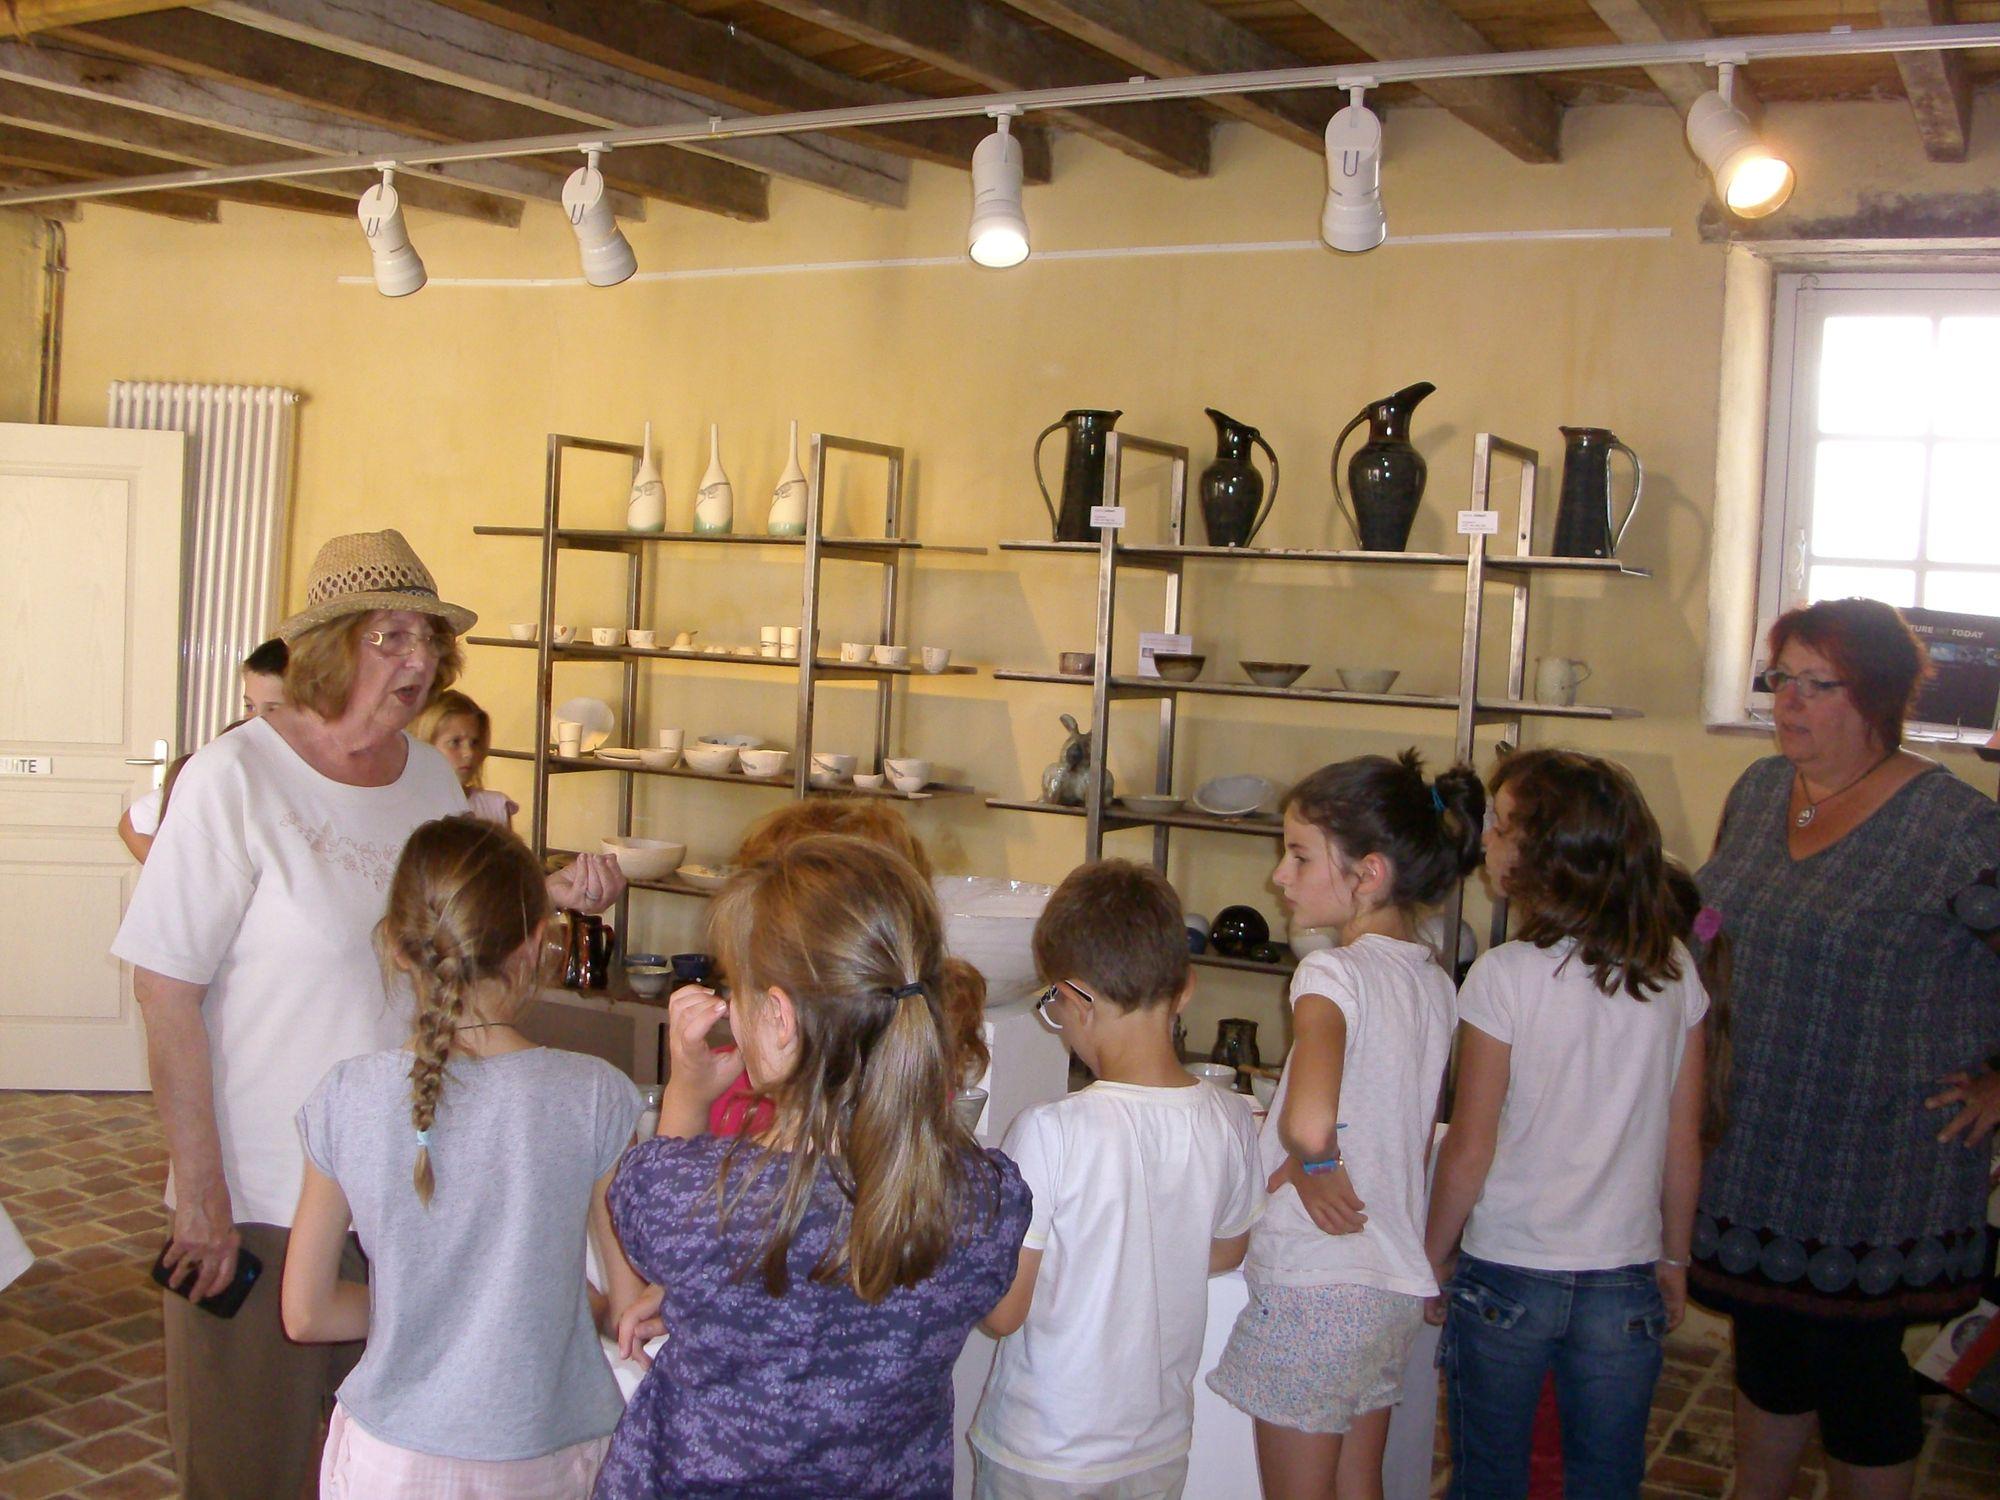 Activités scolaires au couvent de Treigny